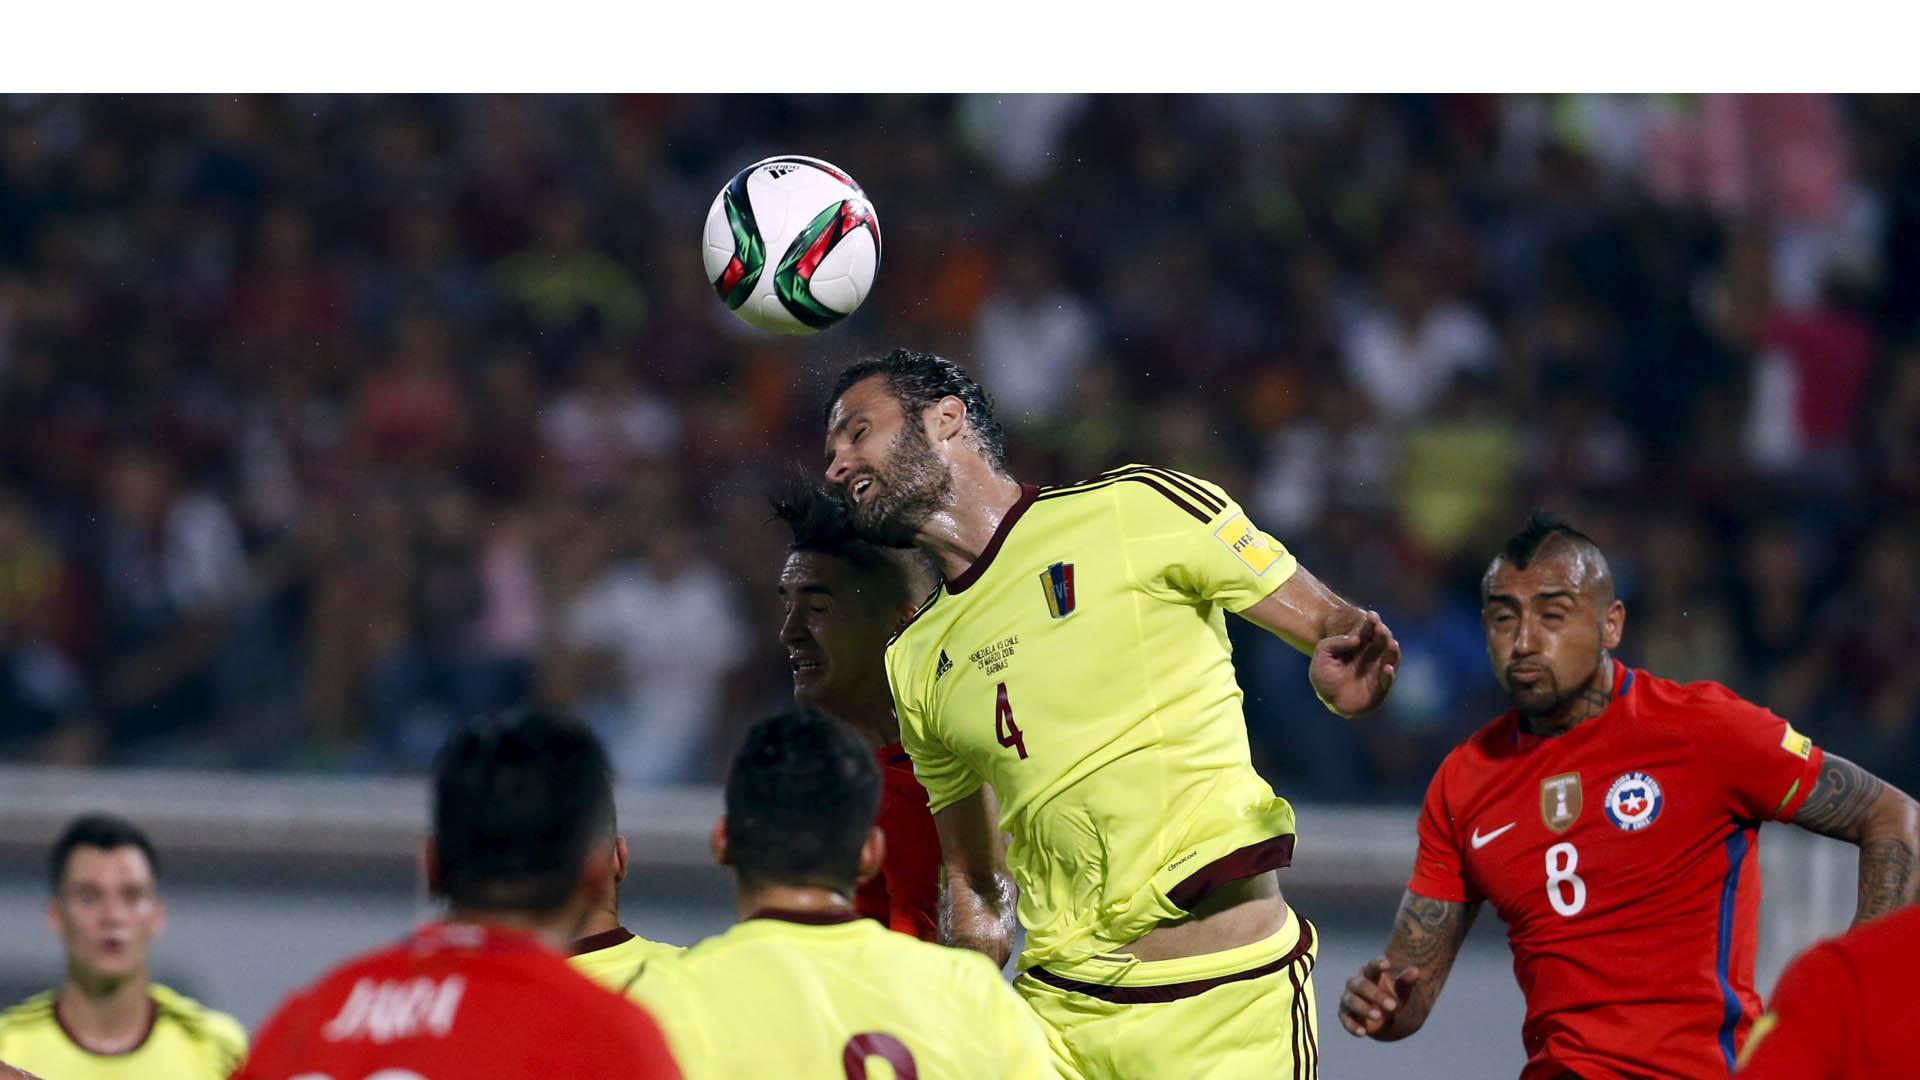 El único gol de la Vinotinto lo marcó Rómulo Otero